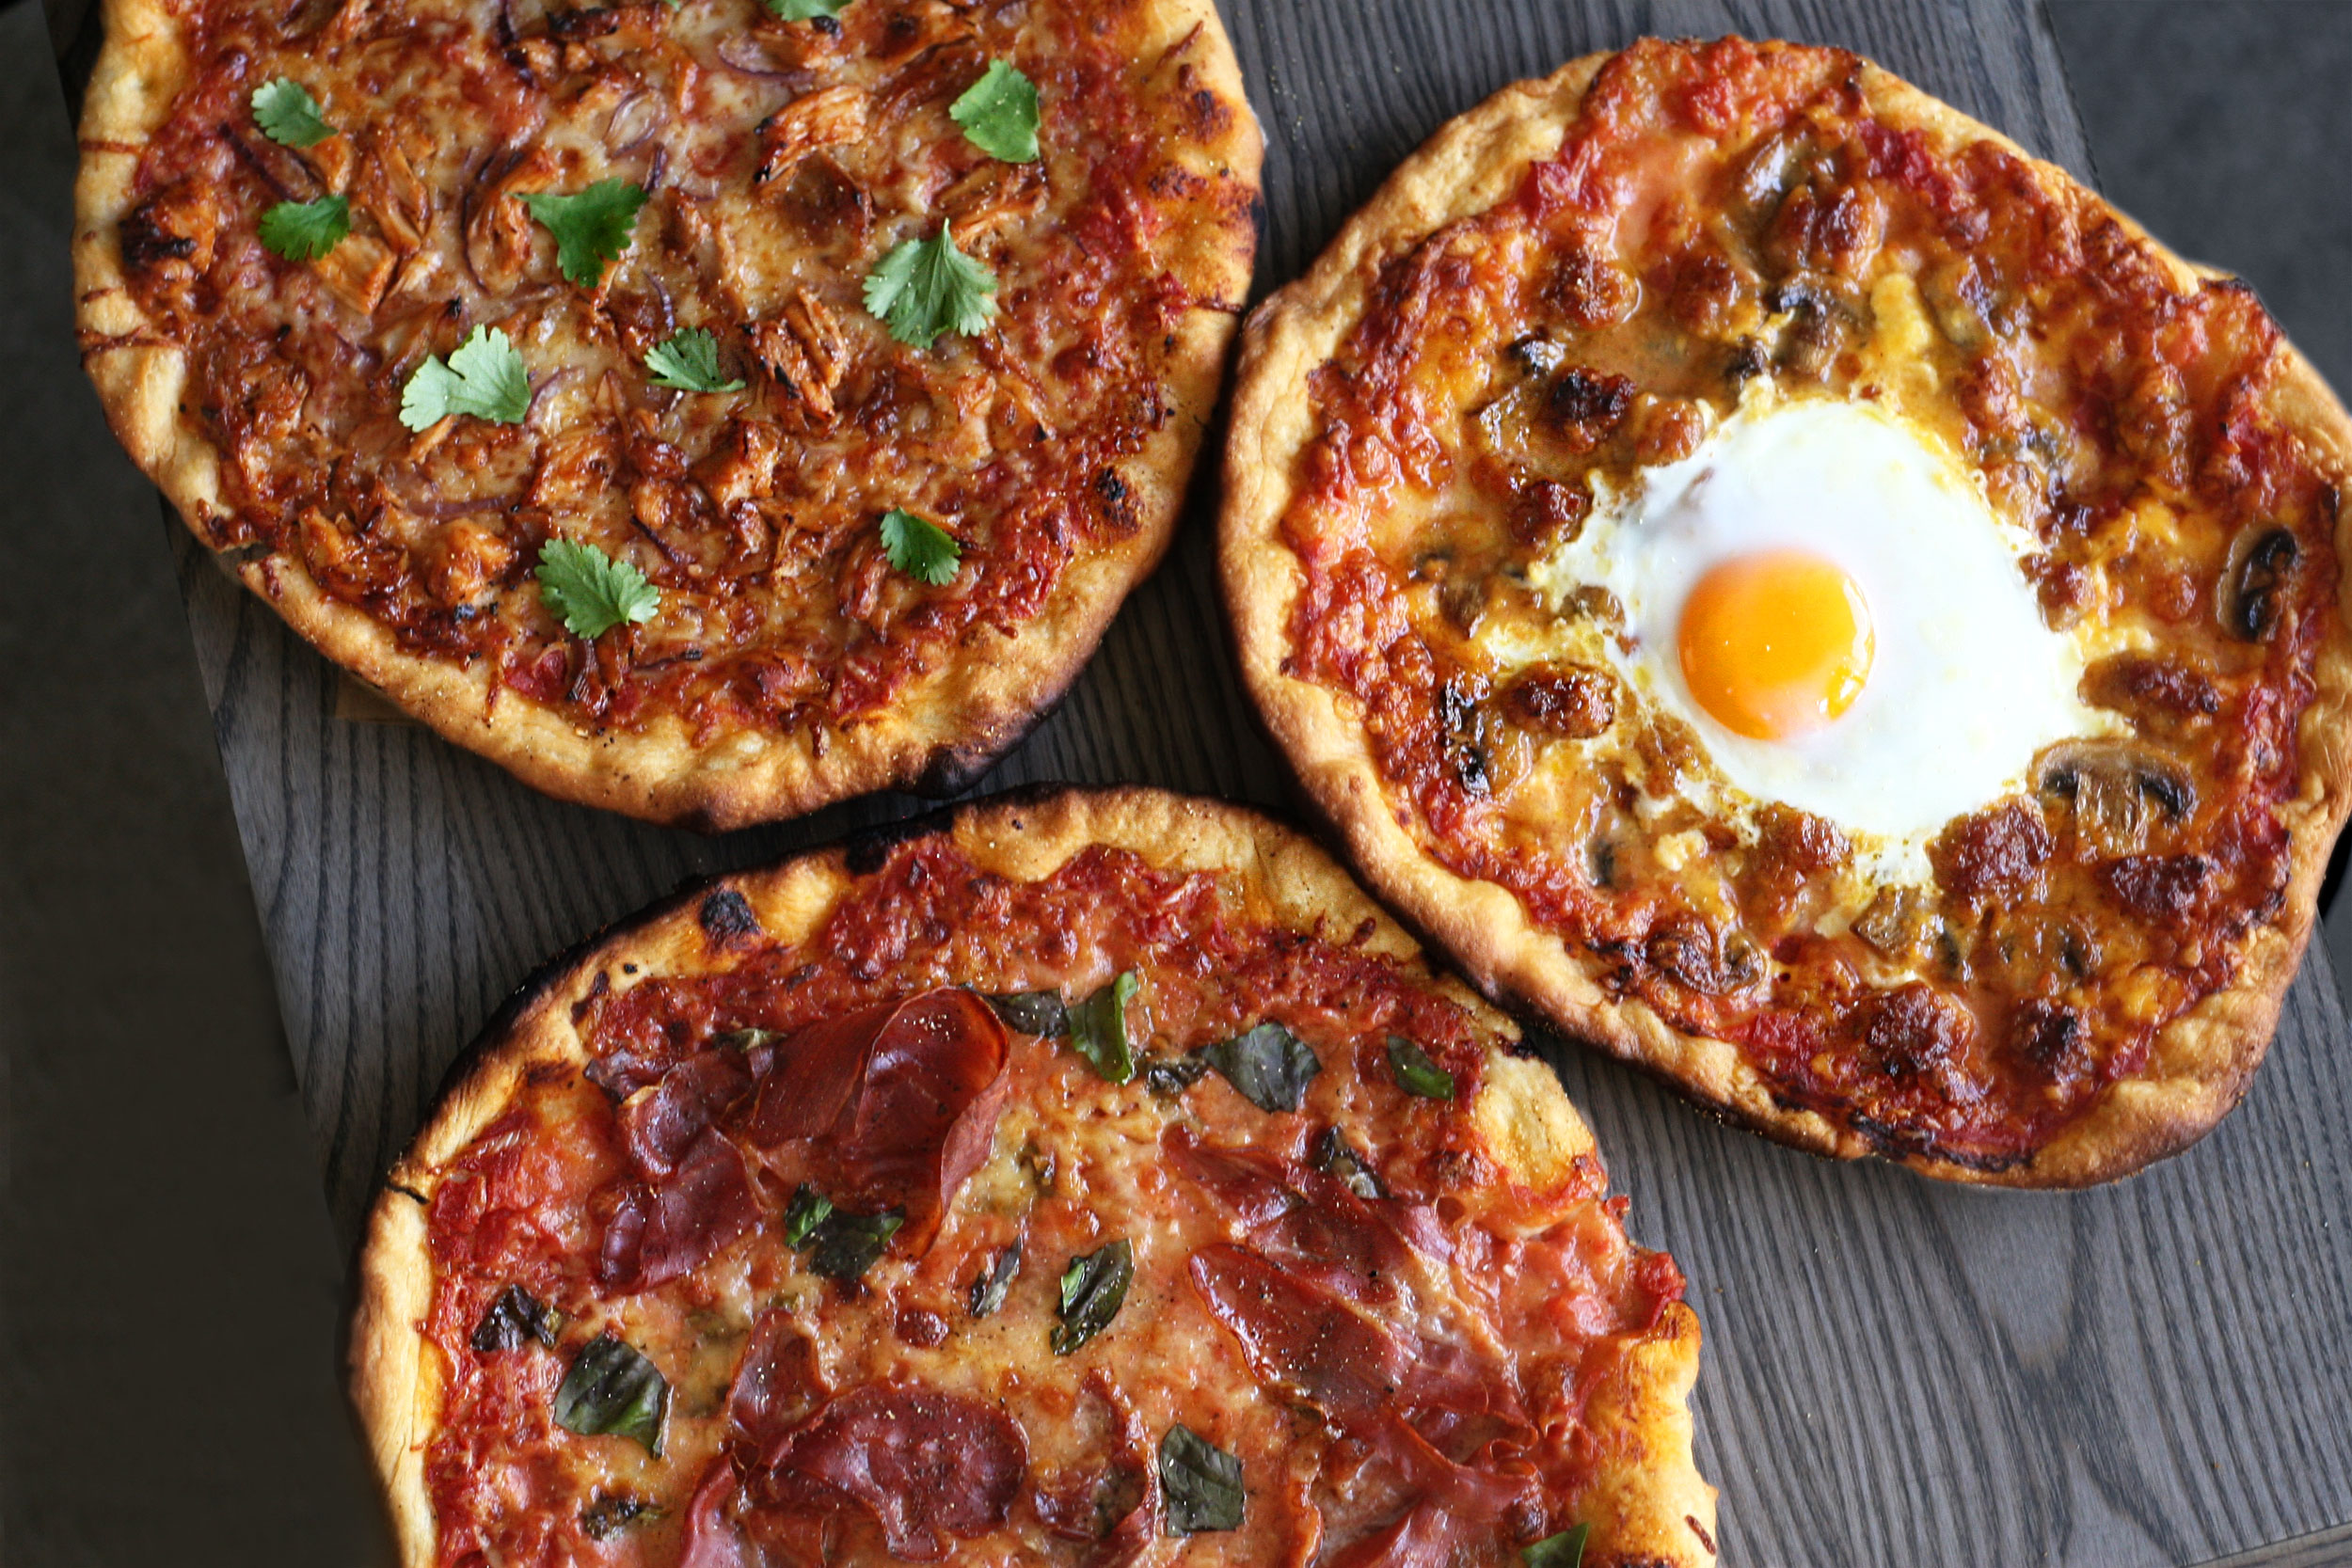 BBQ chicken pizza, prosciutto pizza & breakfast pizza